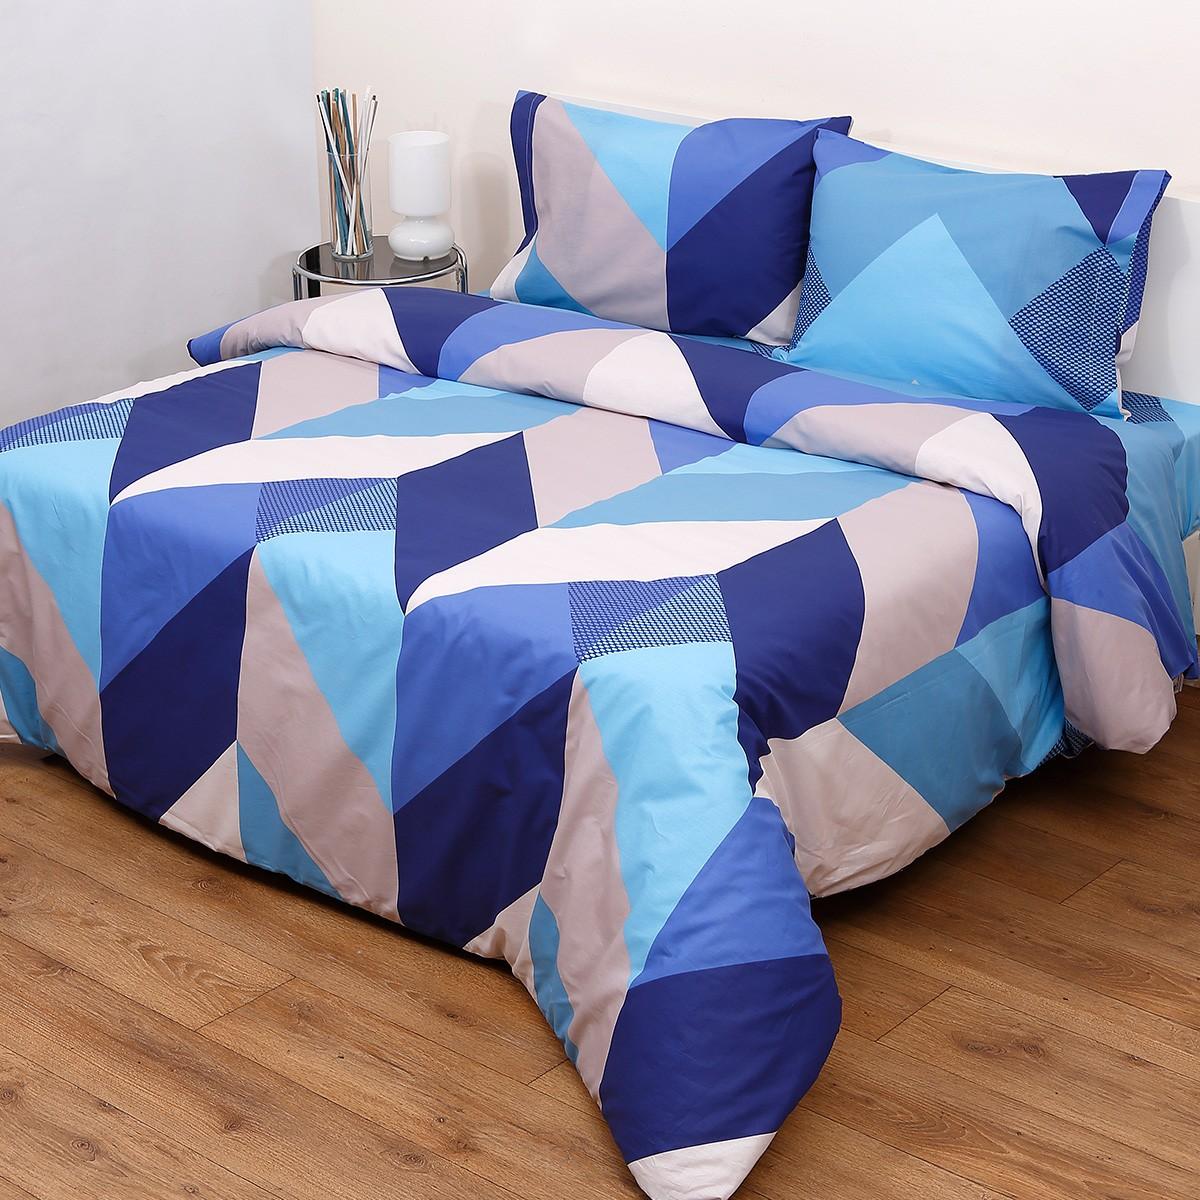 Παπλωματοθήκη Μονή (Σετ) Viopros Fresh Ένζο Μπλε home   κρεβατοκάμαρα   παπλωματοθήκες   παπλωματοθήκες μονές